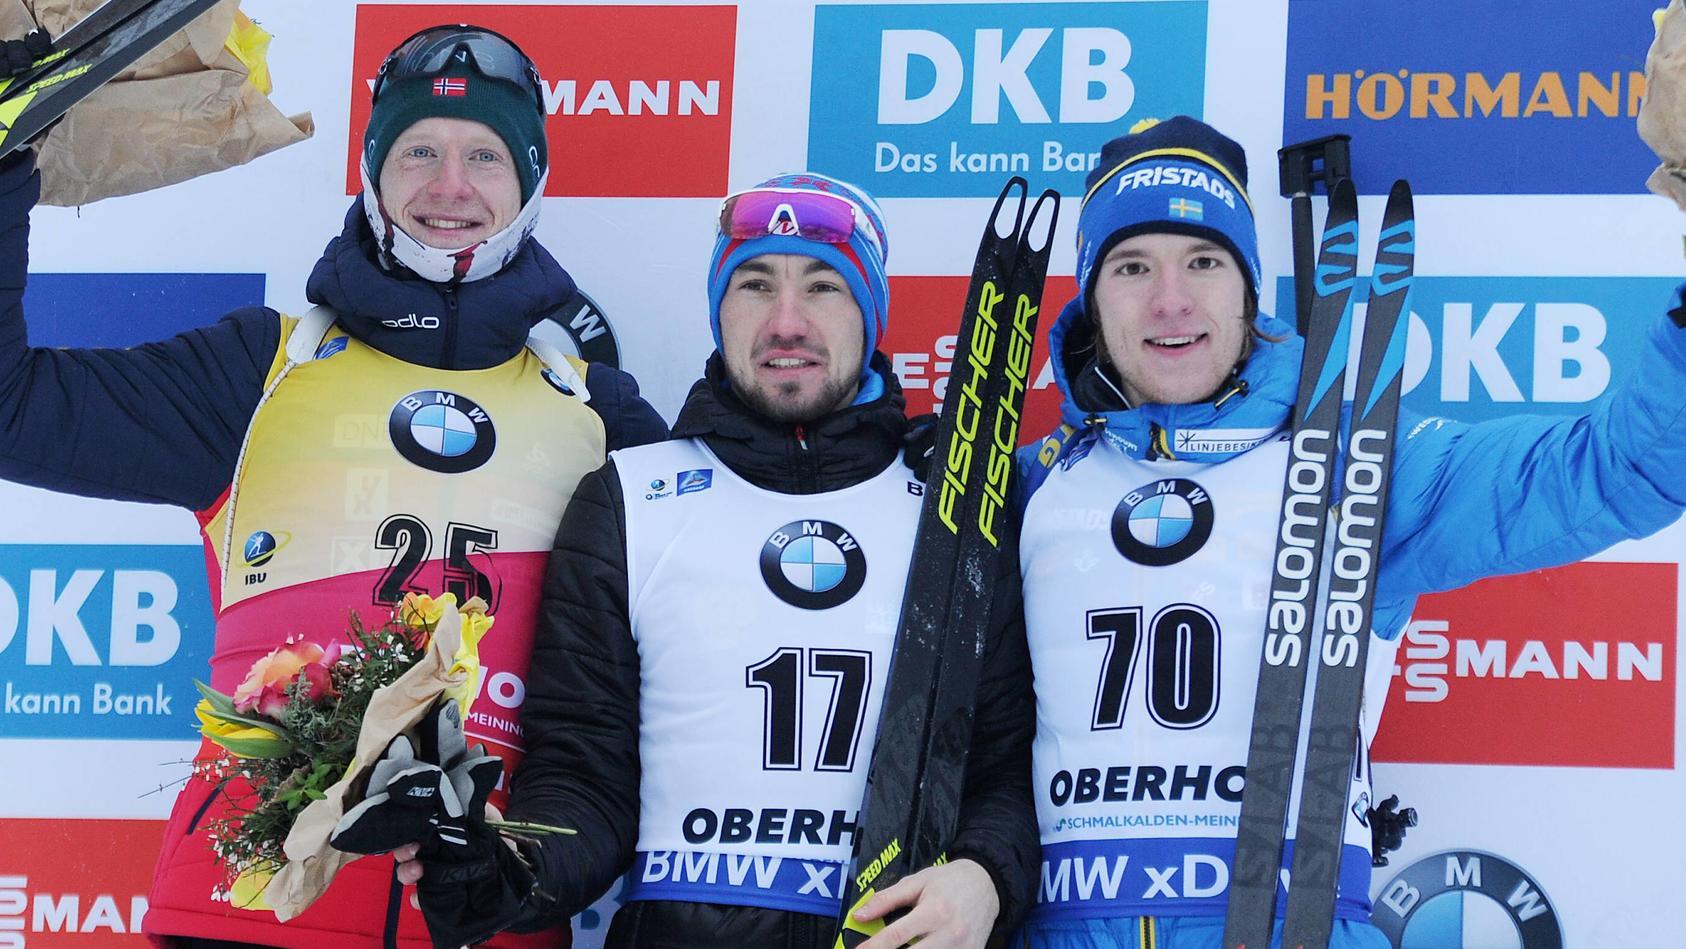 Alexander Loginow feiert in Oberhof seinen ersten Weltcup-Sieg - Freude herrschte darüber aber keine